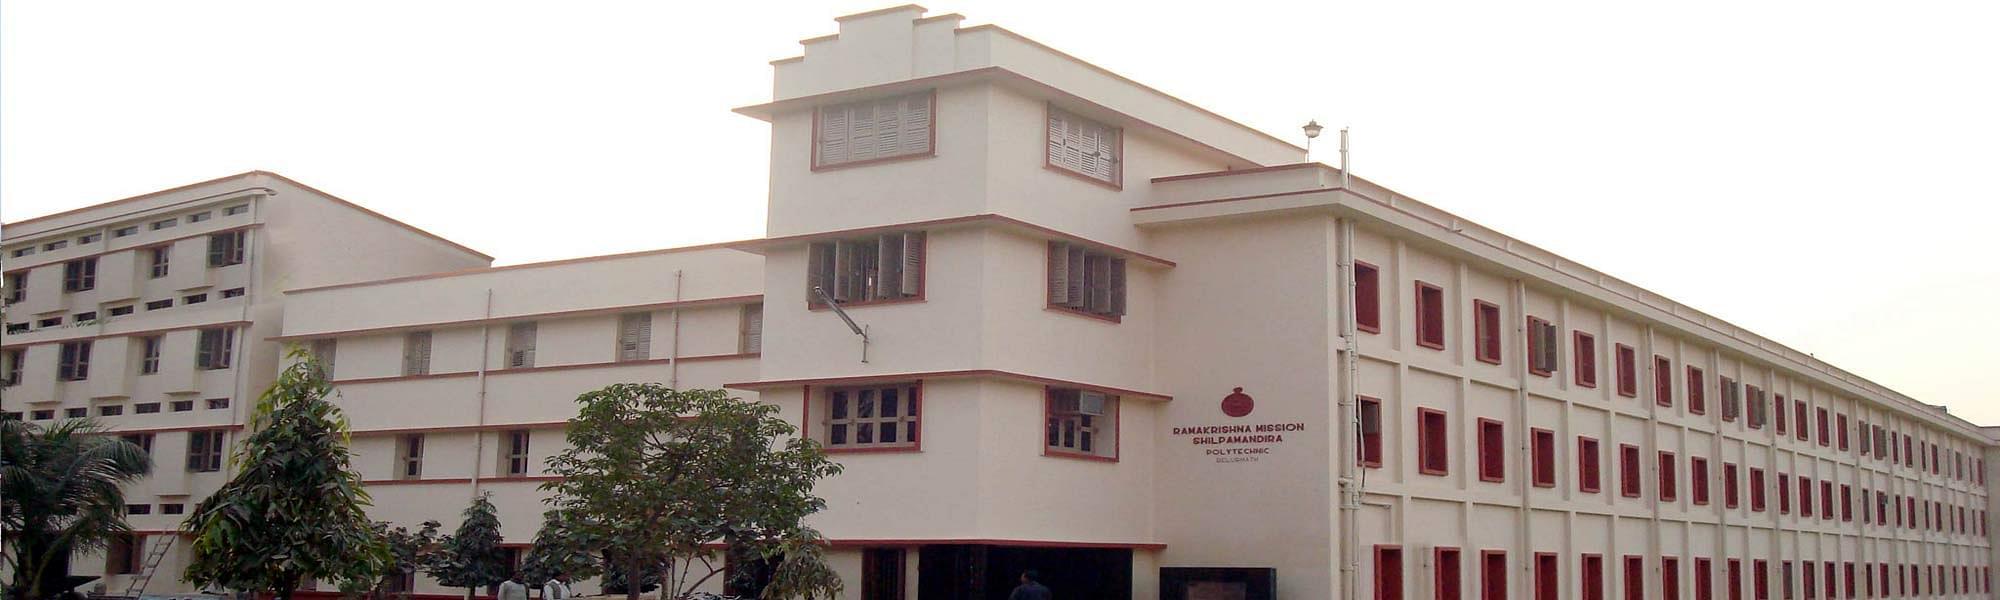 Ramakrishna Mission Shilpamandira